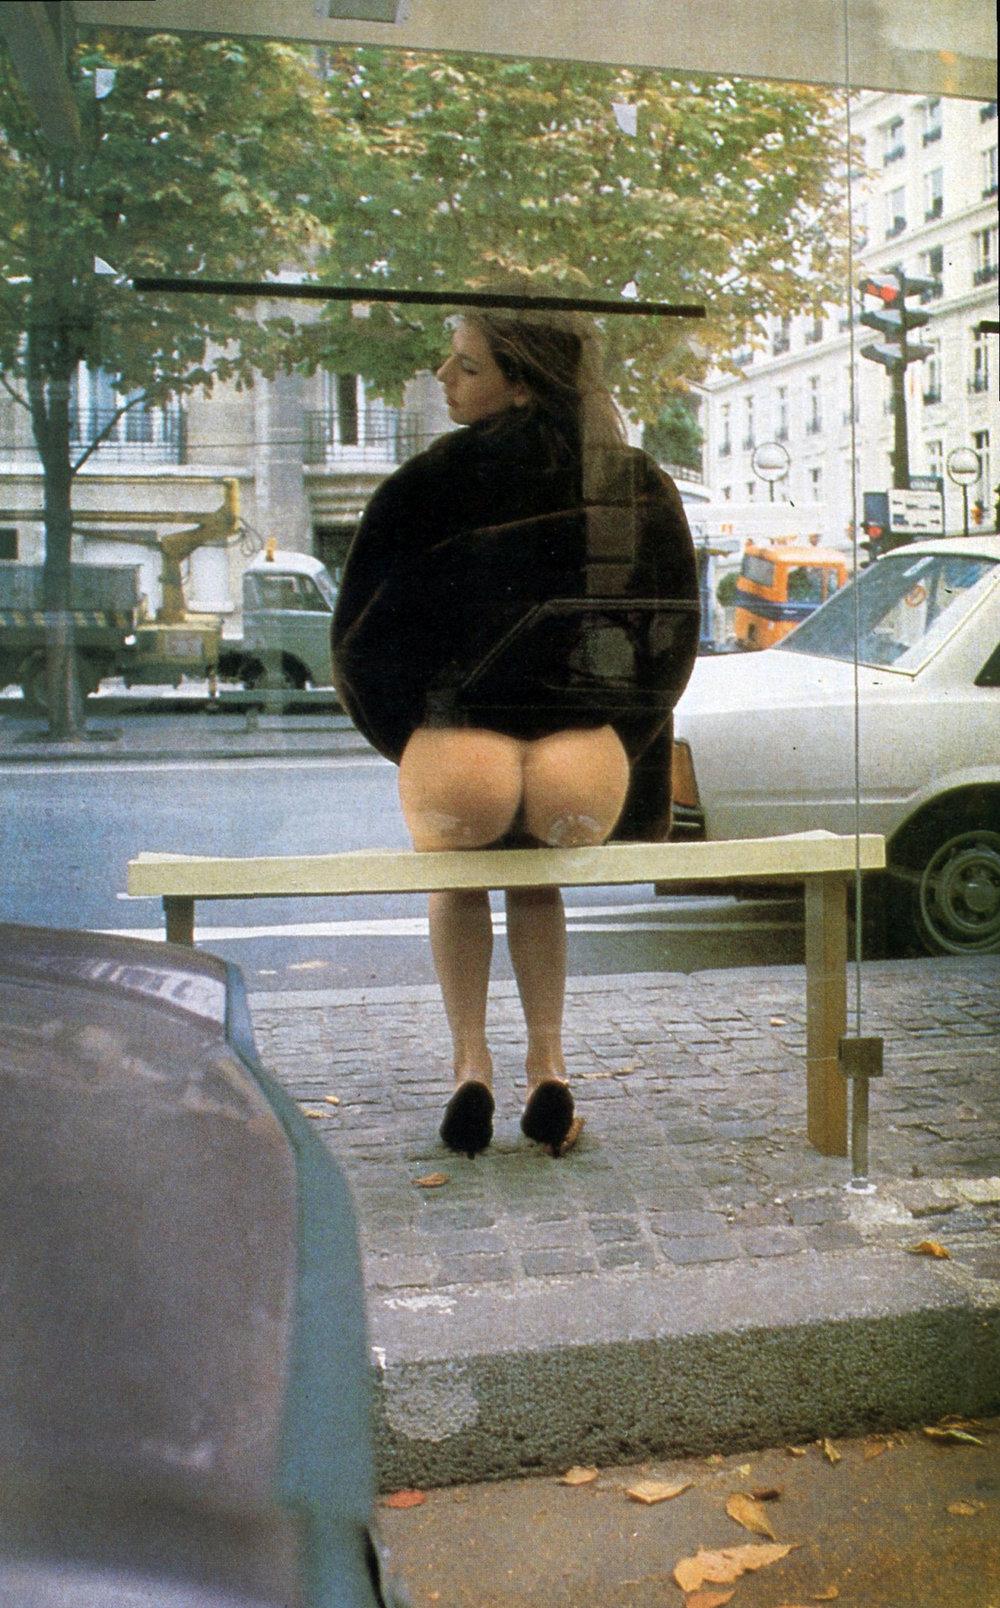 pantyless voyeur 10.jpg